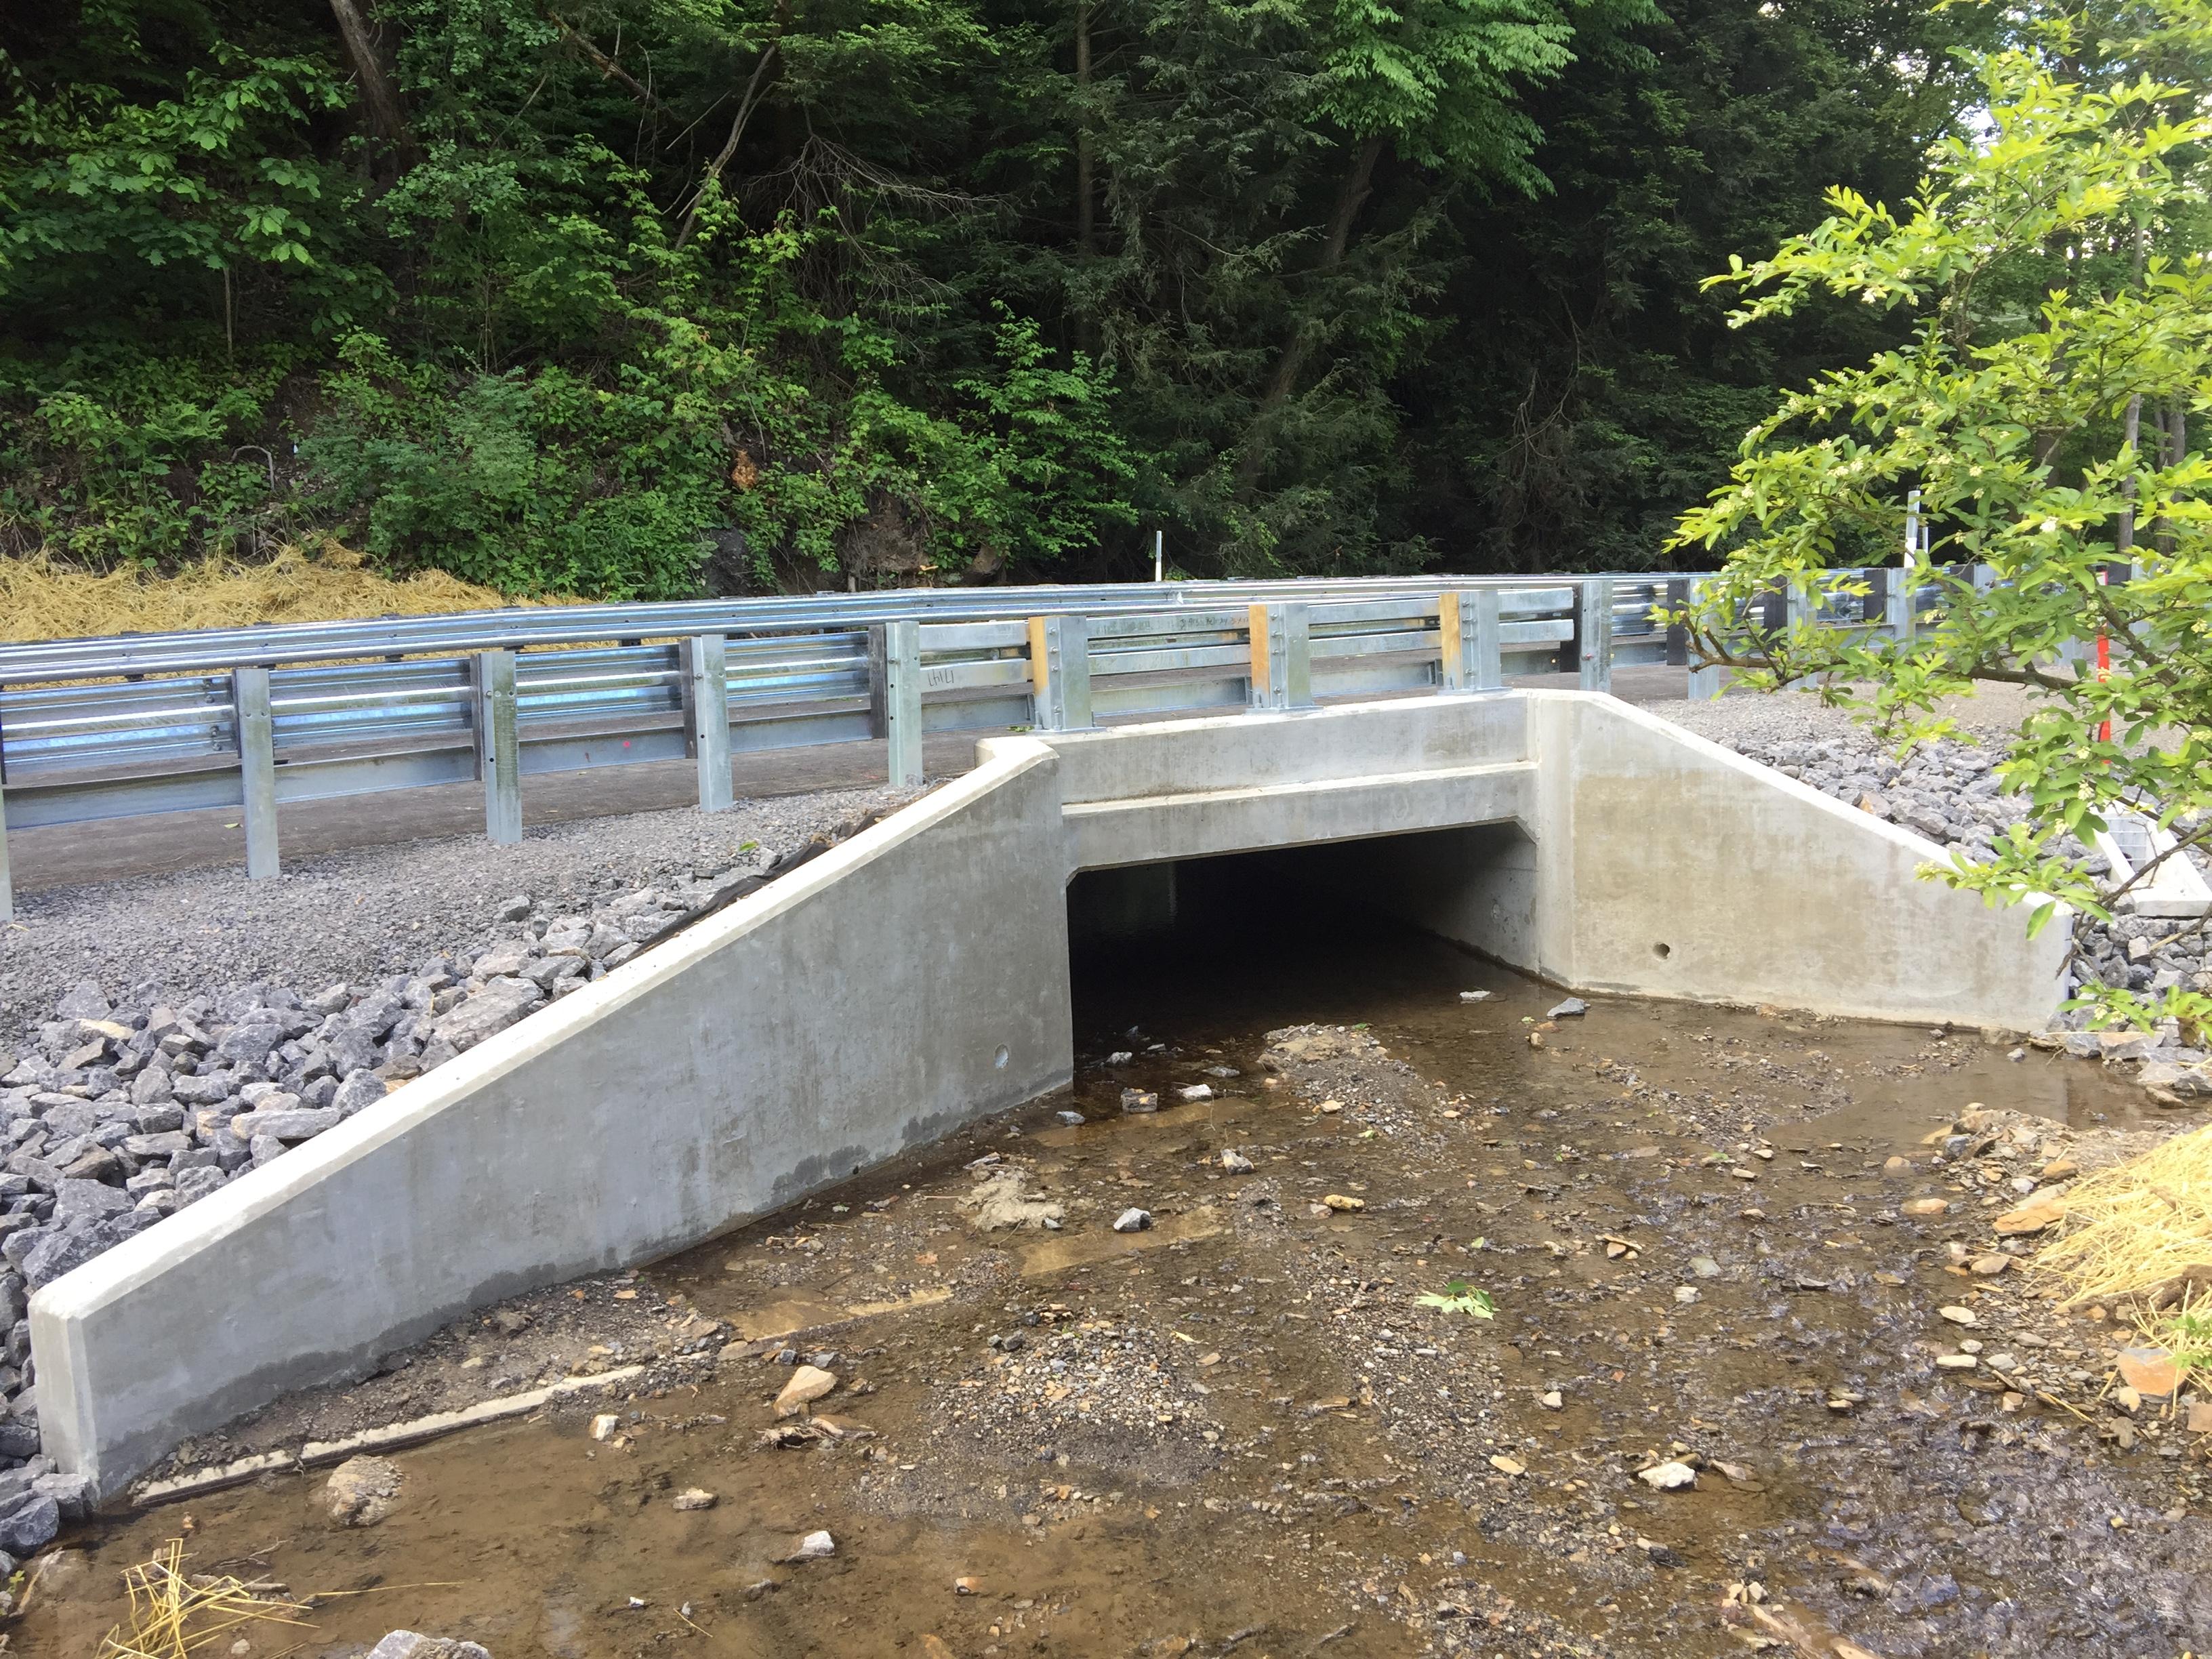 Construction Complete For Church Lane Route 1012 Bridge